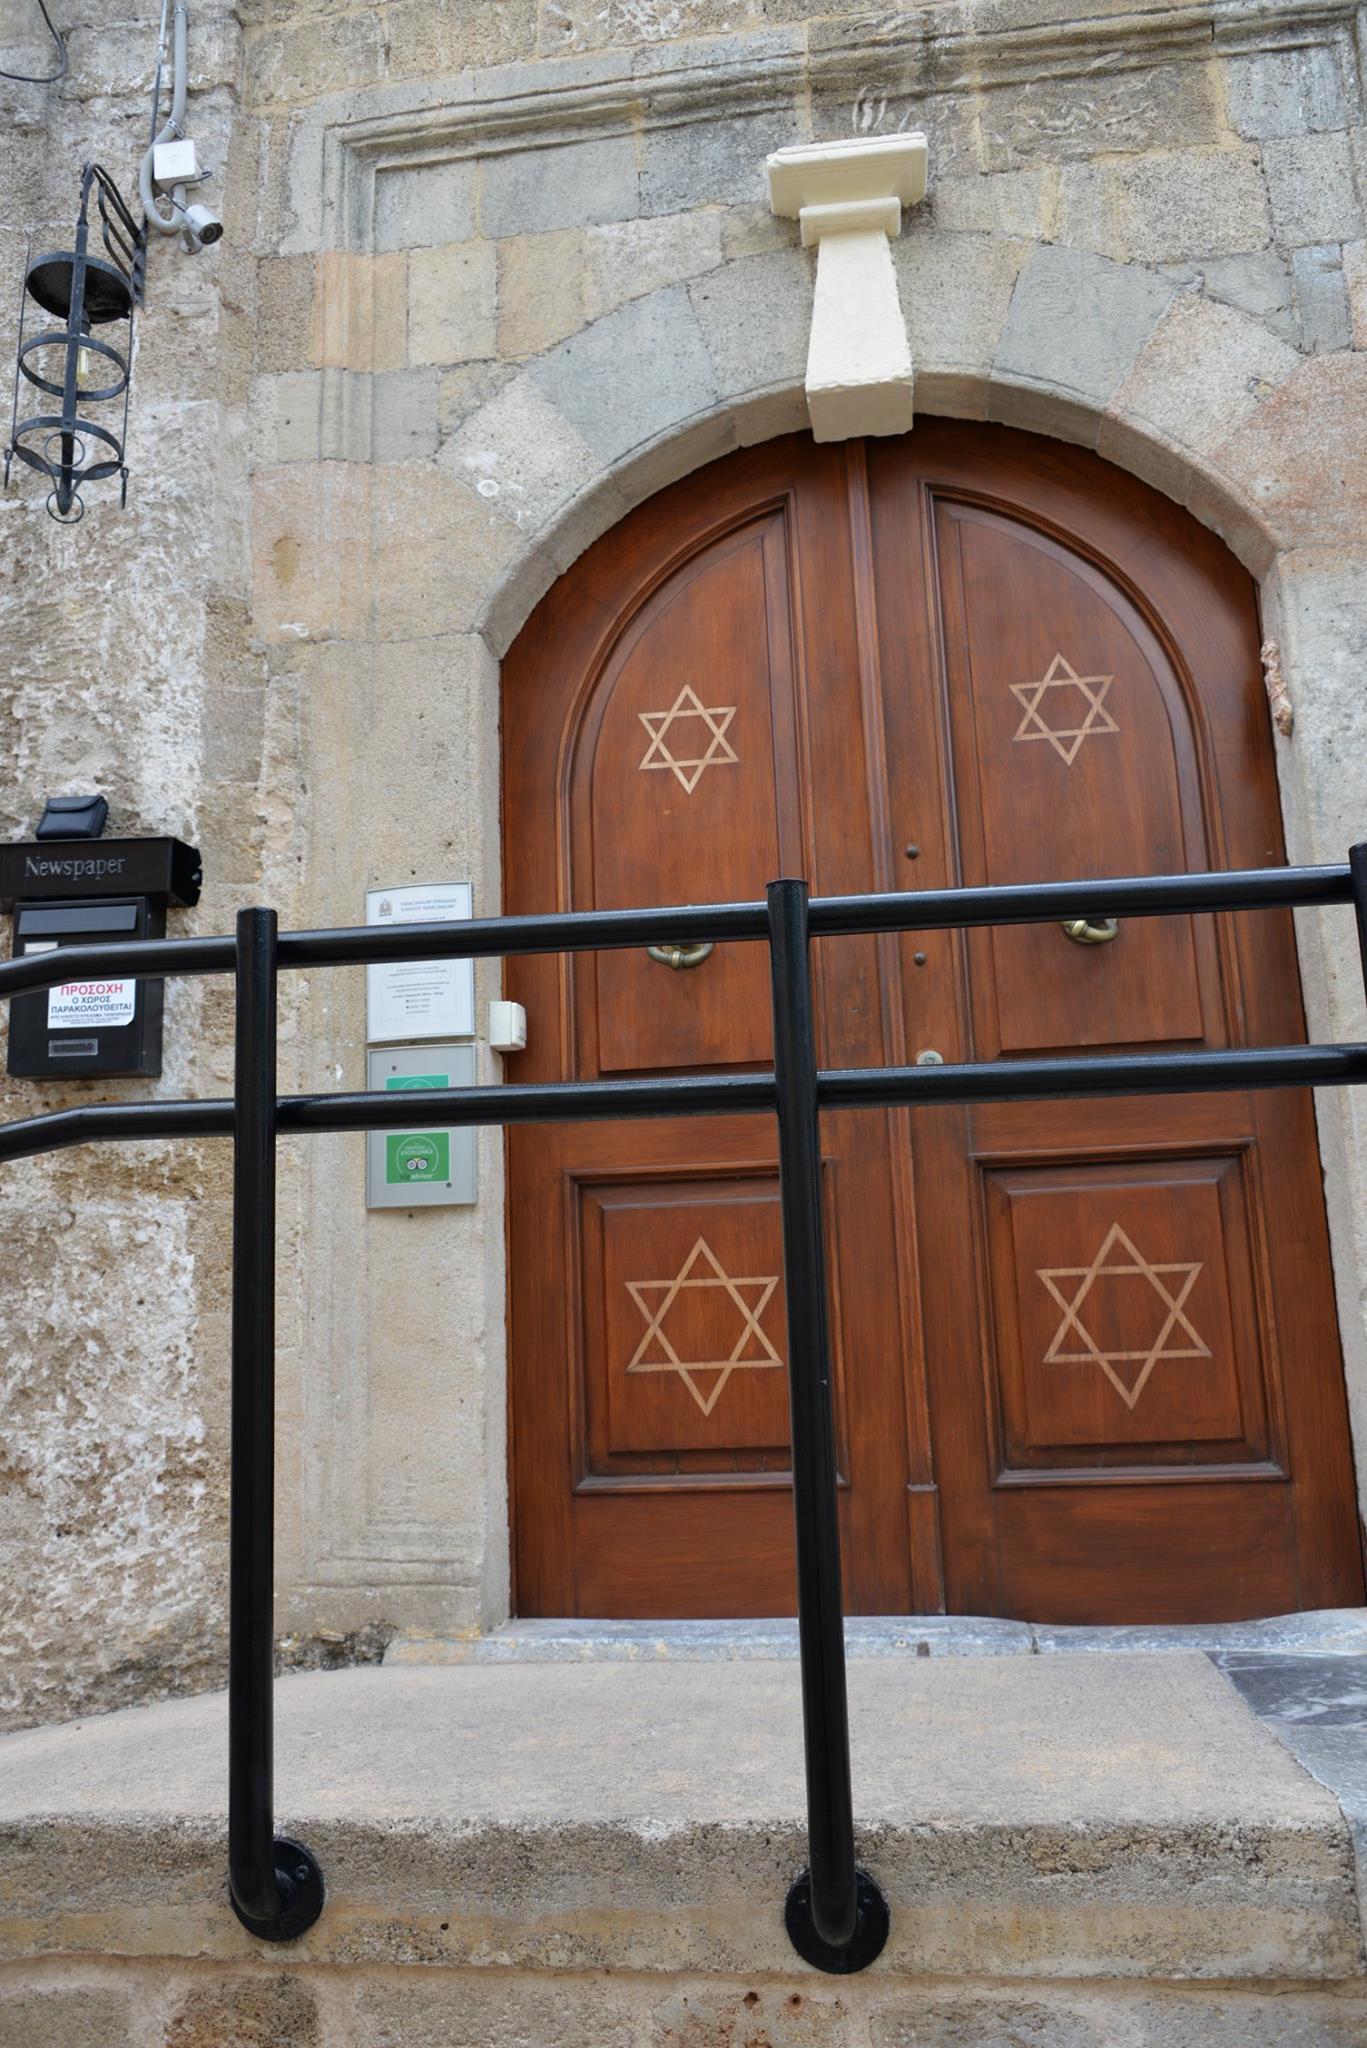 דלת בית הכנסת קהל קדוש לשלום